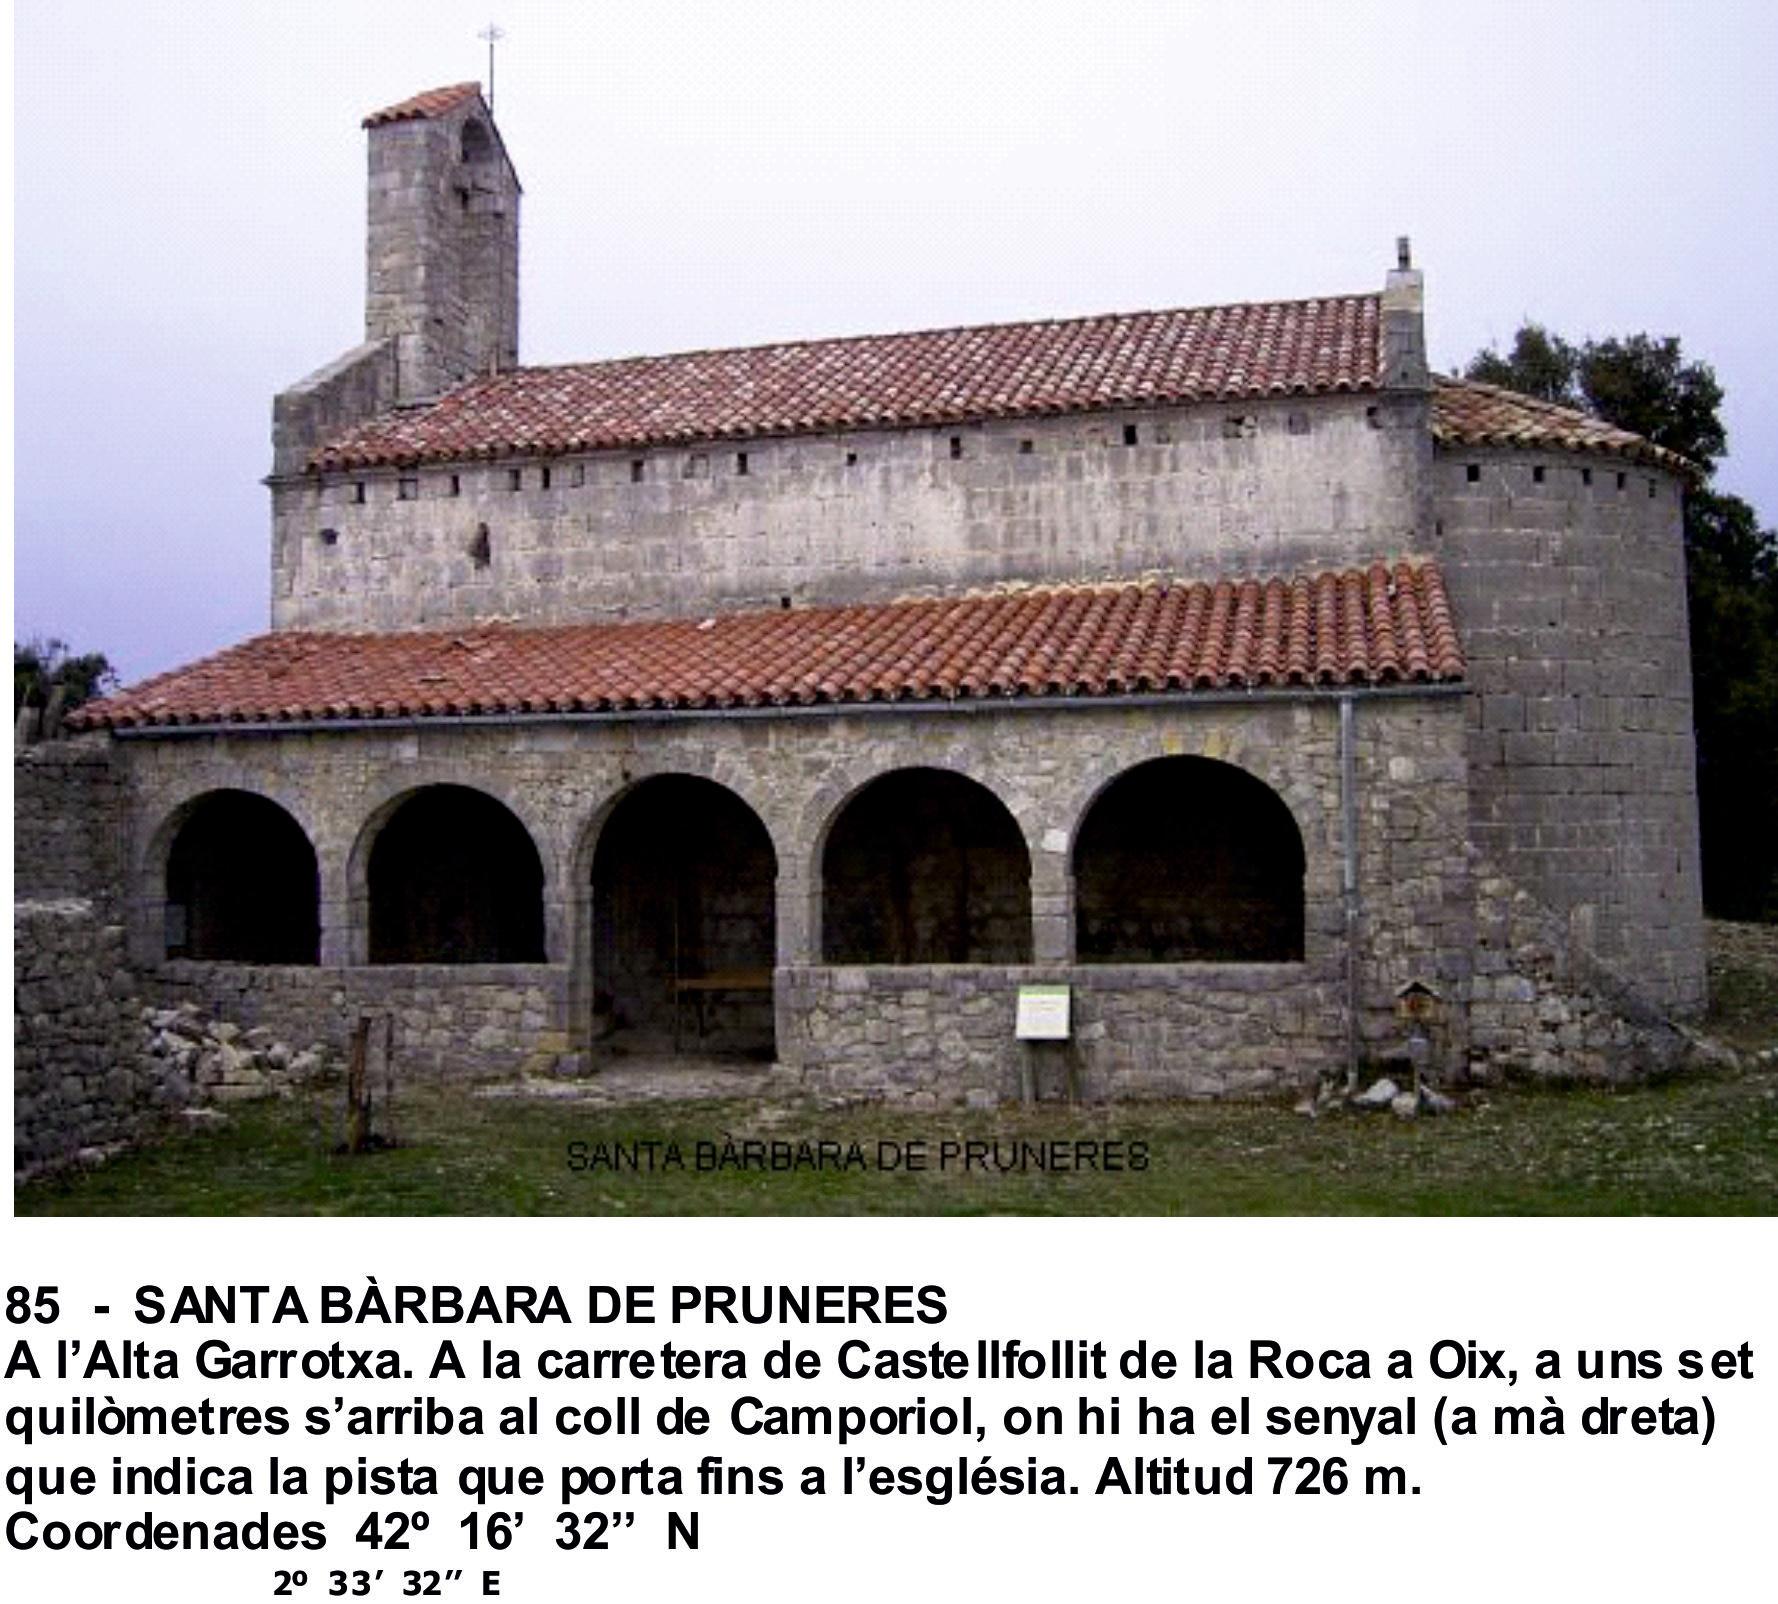 85__-__SANTA_BÀRBARA_DE_PRUNERES